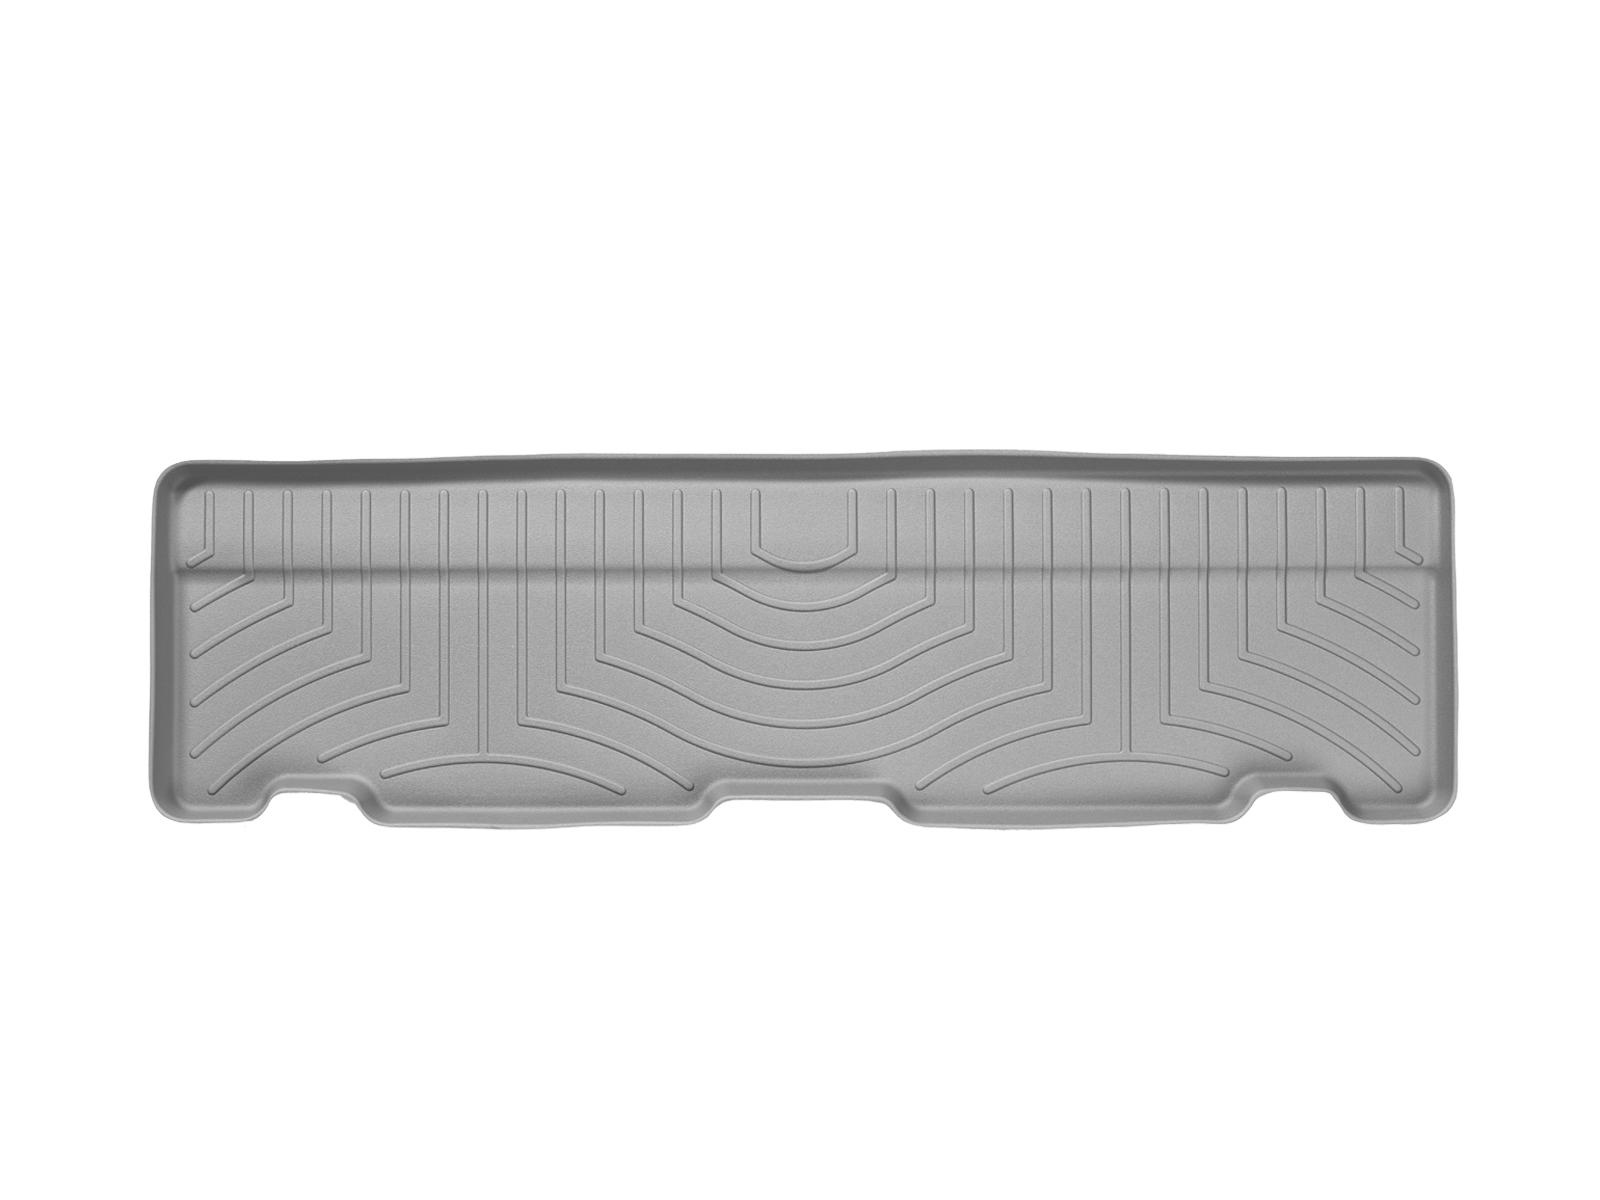 Tappeti gomma su misura bordo alto Cadillac Escalade 02>06 Grigio A8*